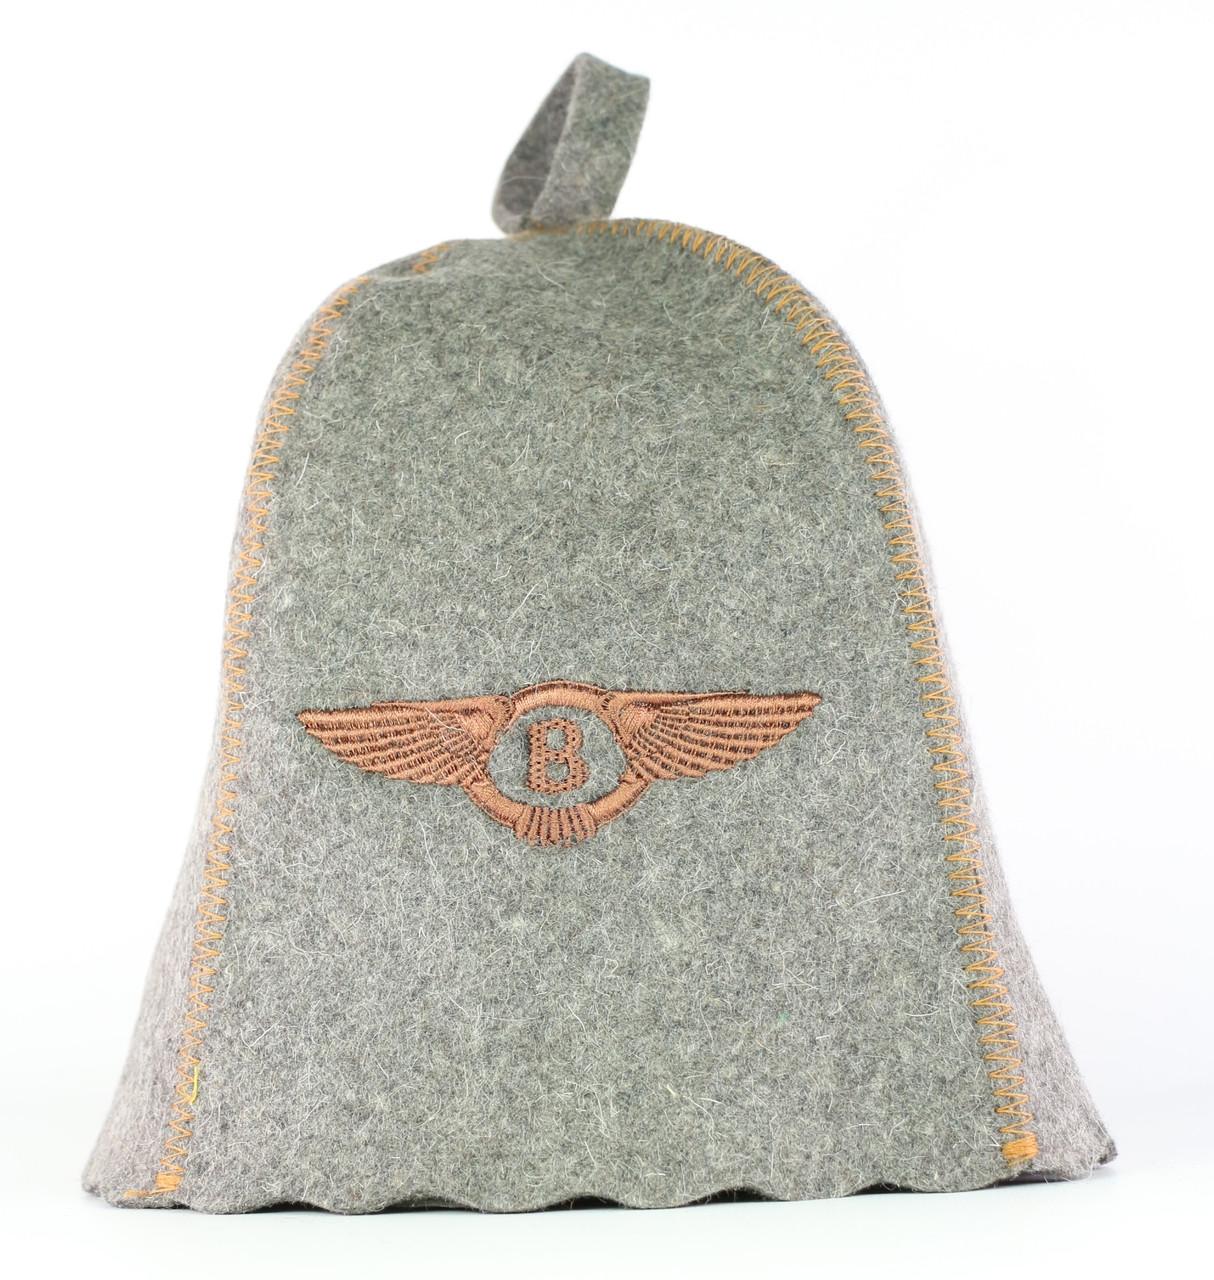 Шапка для сауни з вишивкою 'Bentley (Бентлі)', сіра повсть, Sauna Pro